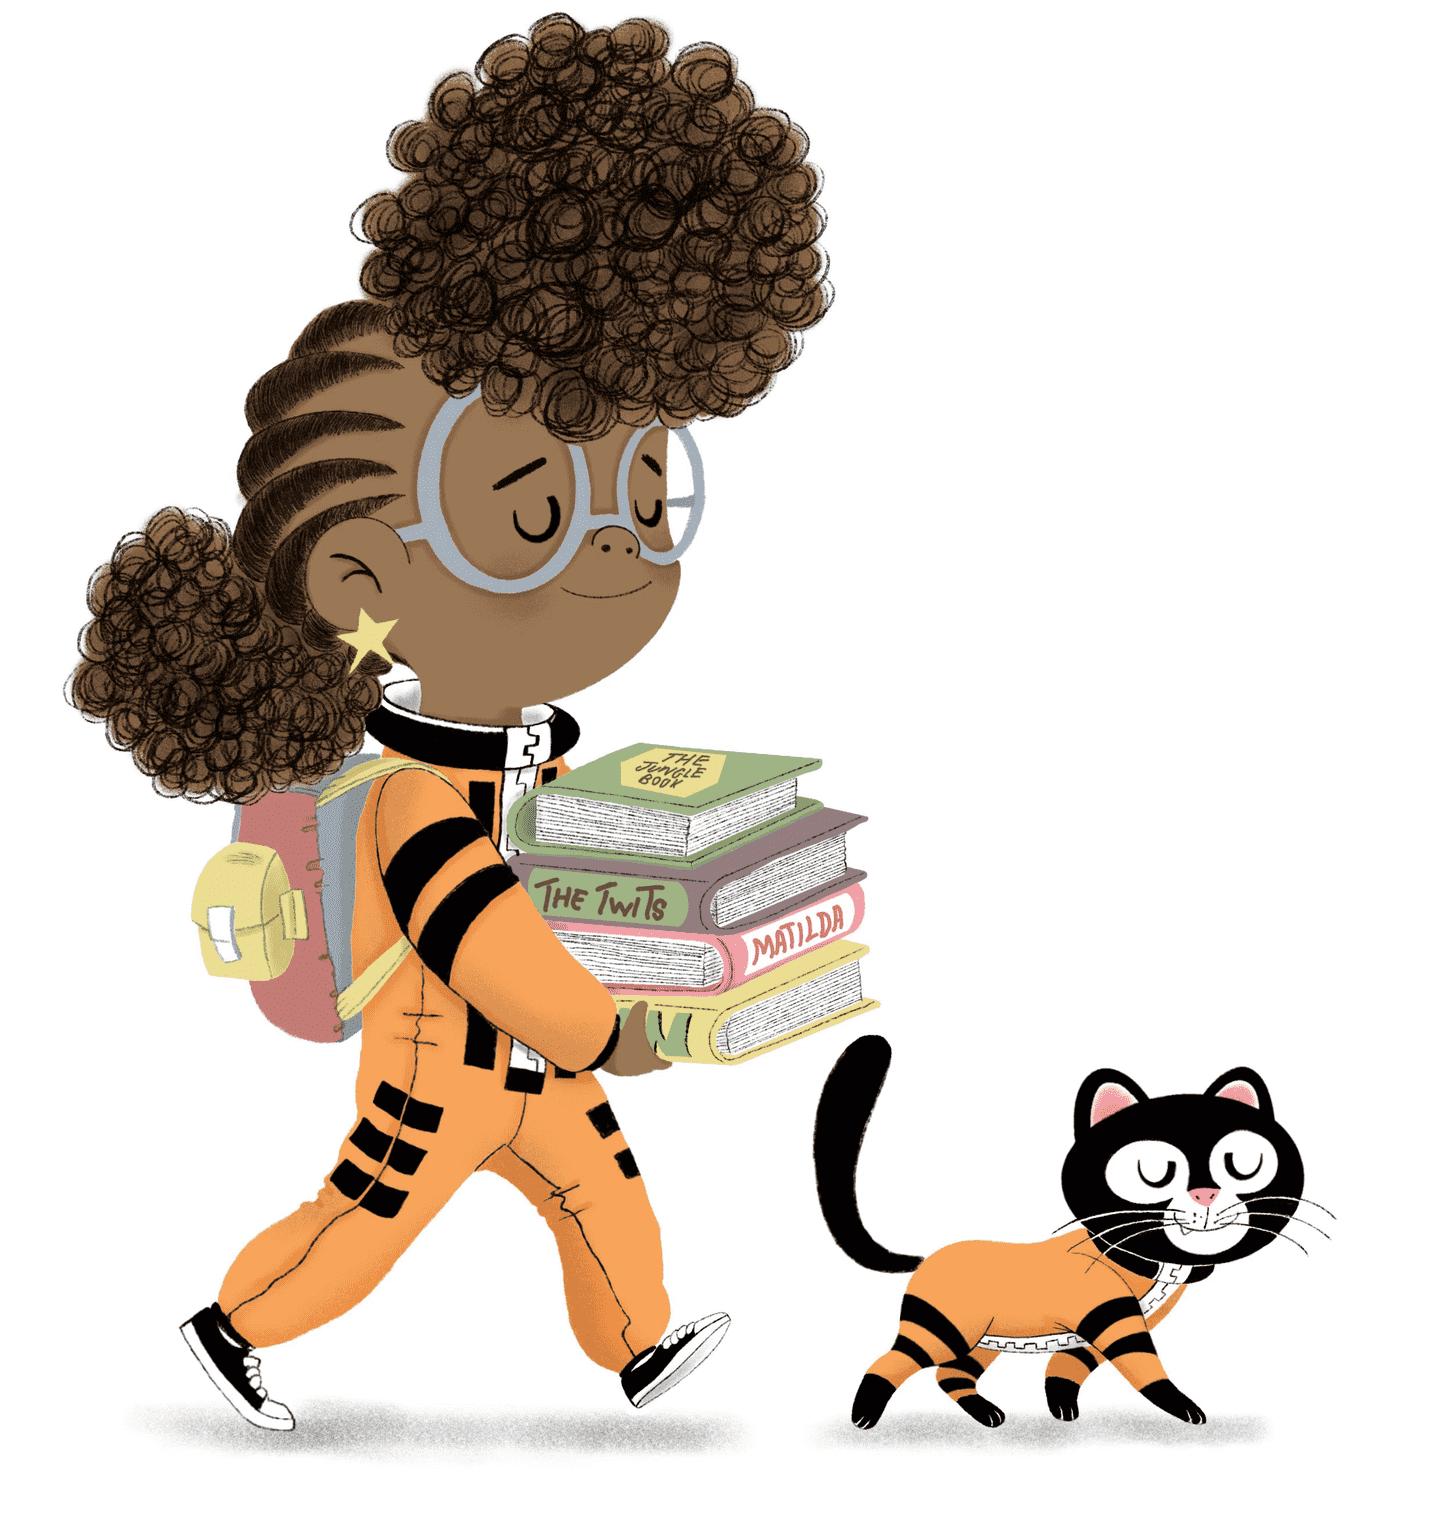 Se lanza una beca de inclusión para ilustradores de libros infantiles de BAME para abordar la subrepresentación